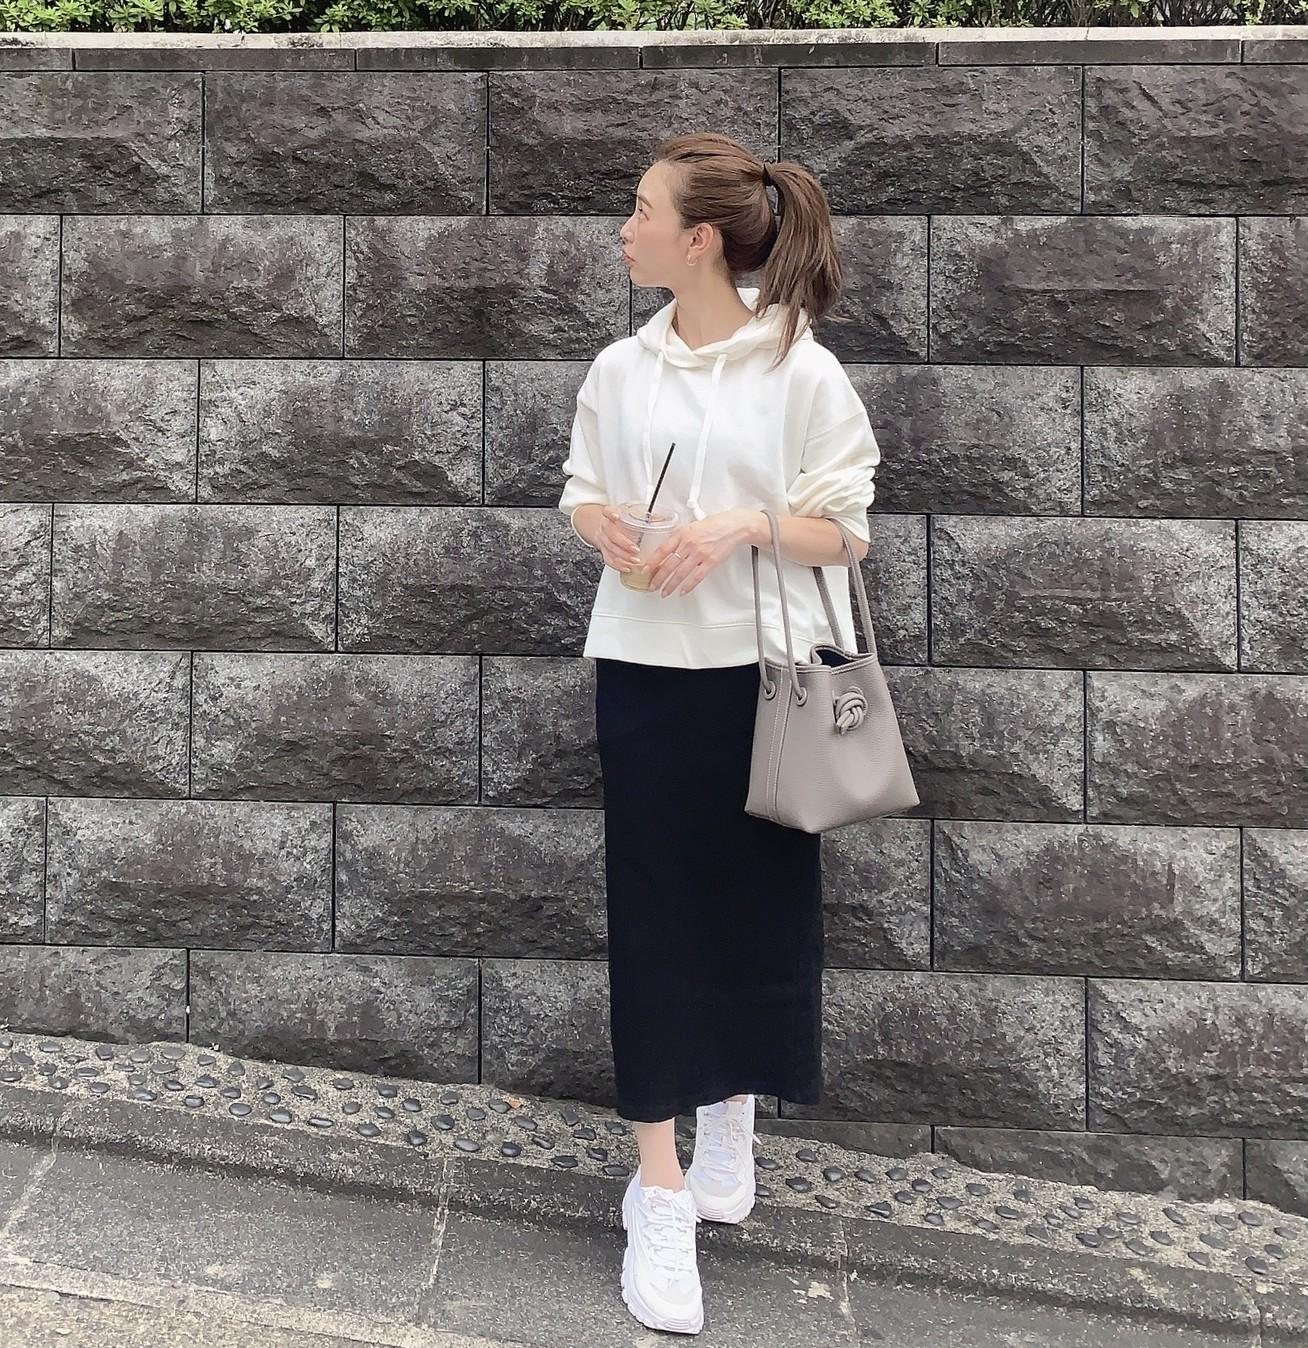 ユニクロのパーカとリブタイトスカート